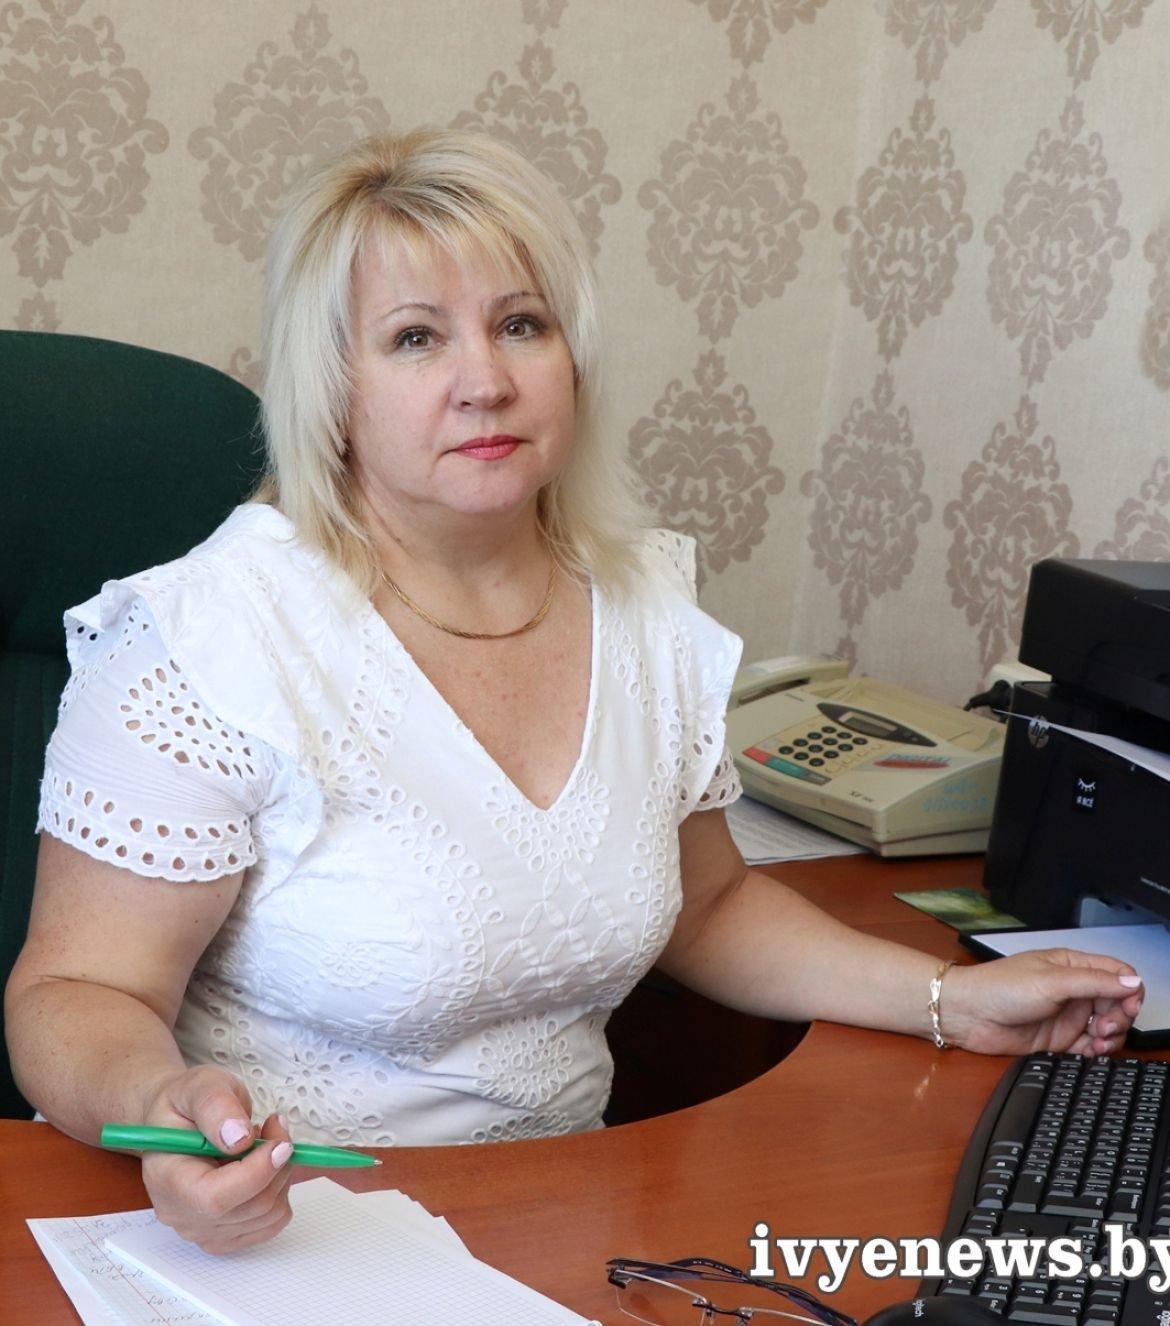 Жанна Олехнович: «У субъектов хозяйствования Ивьевщины есть большой потенциал и спектр возможностей для завоевания лидирующих позиций на российском рынке»